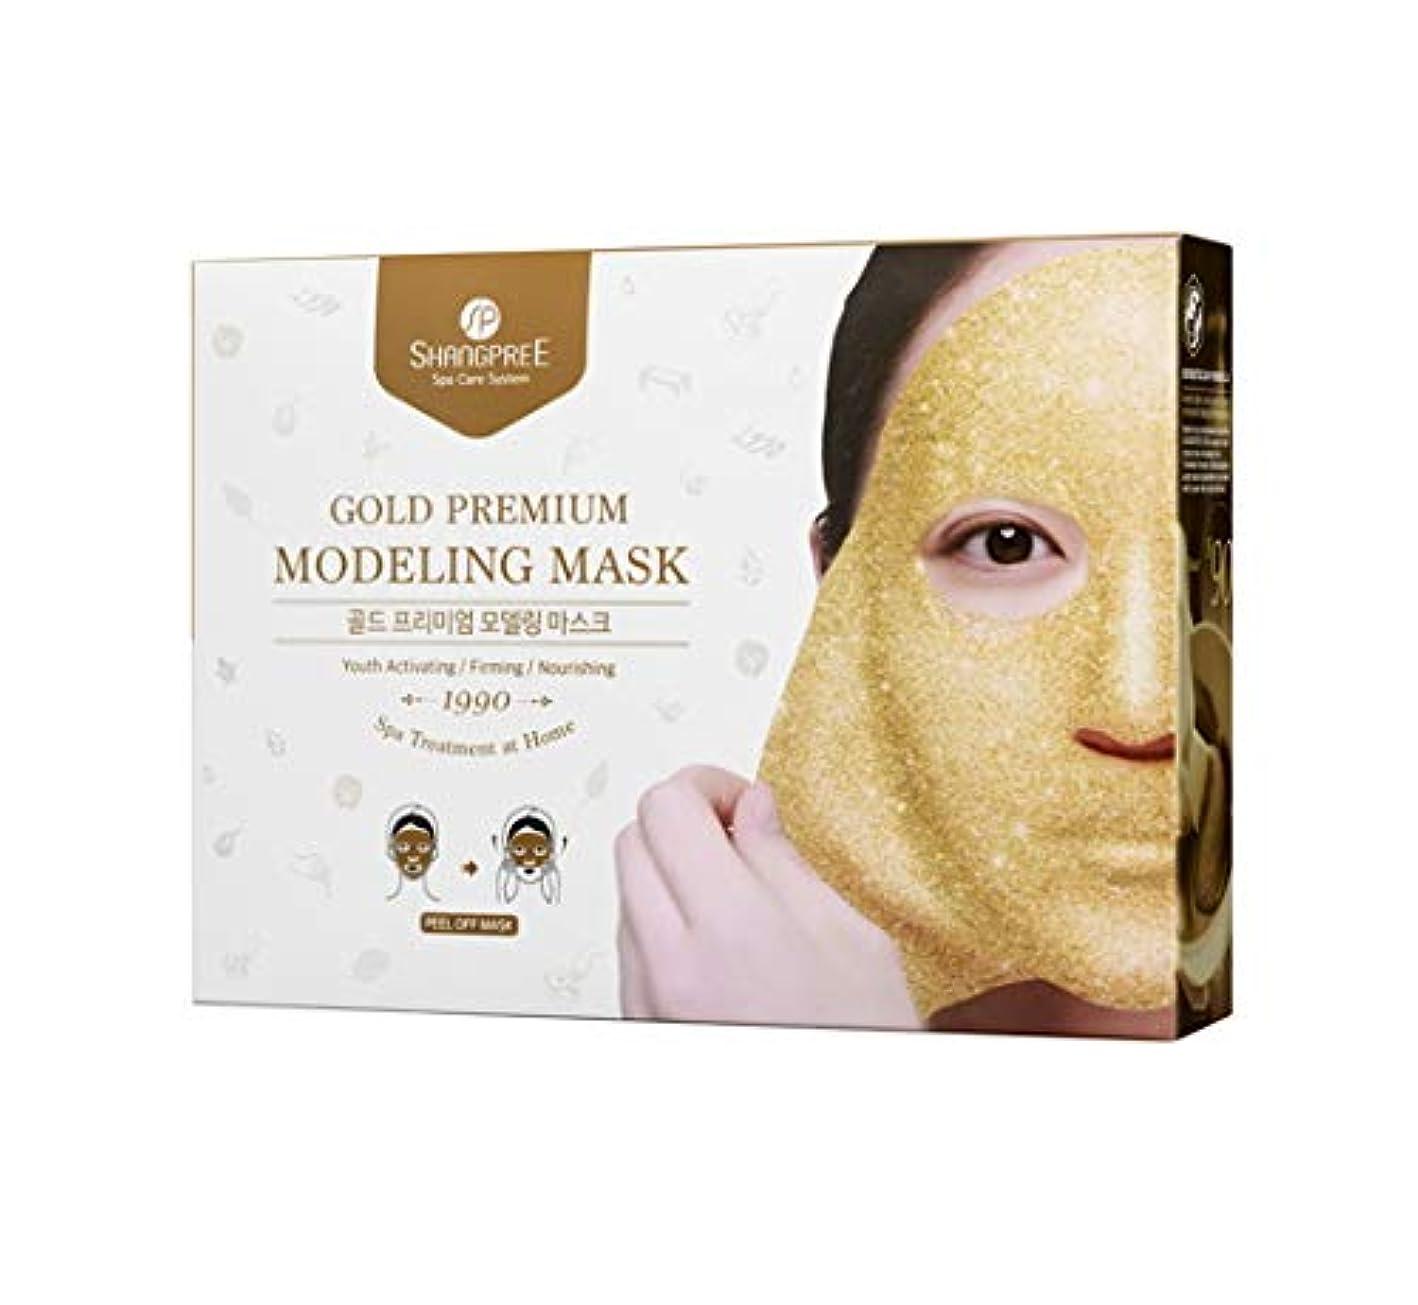 鉄道駅どうやら自由Shangpree プレミアムゴールドモデリングマスク 5枚 gold premium modeling mask 5ea (並行輸入品)